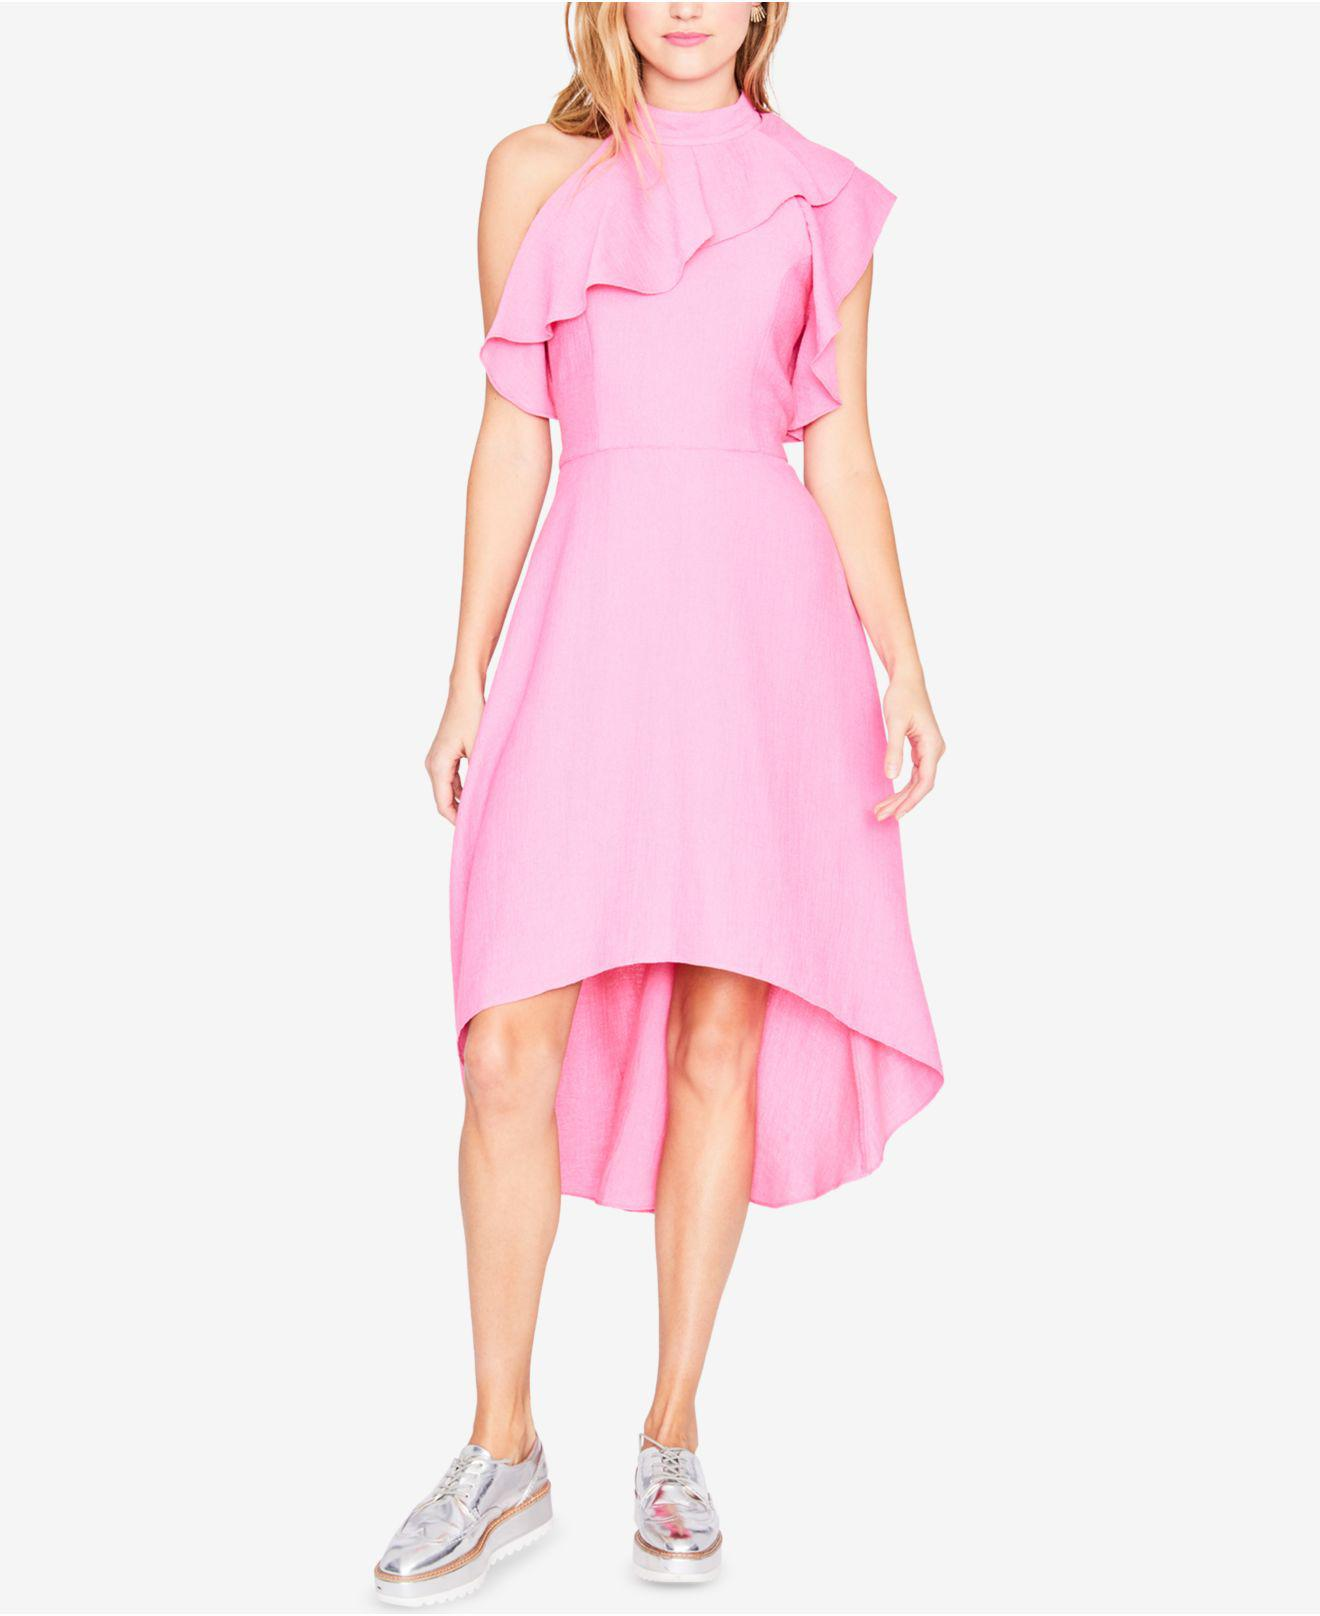 Vistoso Vestidos De Dama De Macys Ornamento - Colección de Vestidos ...